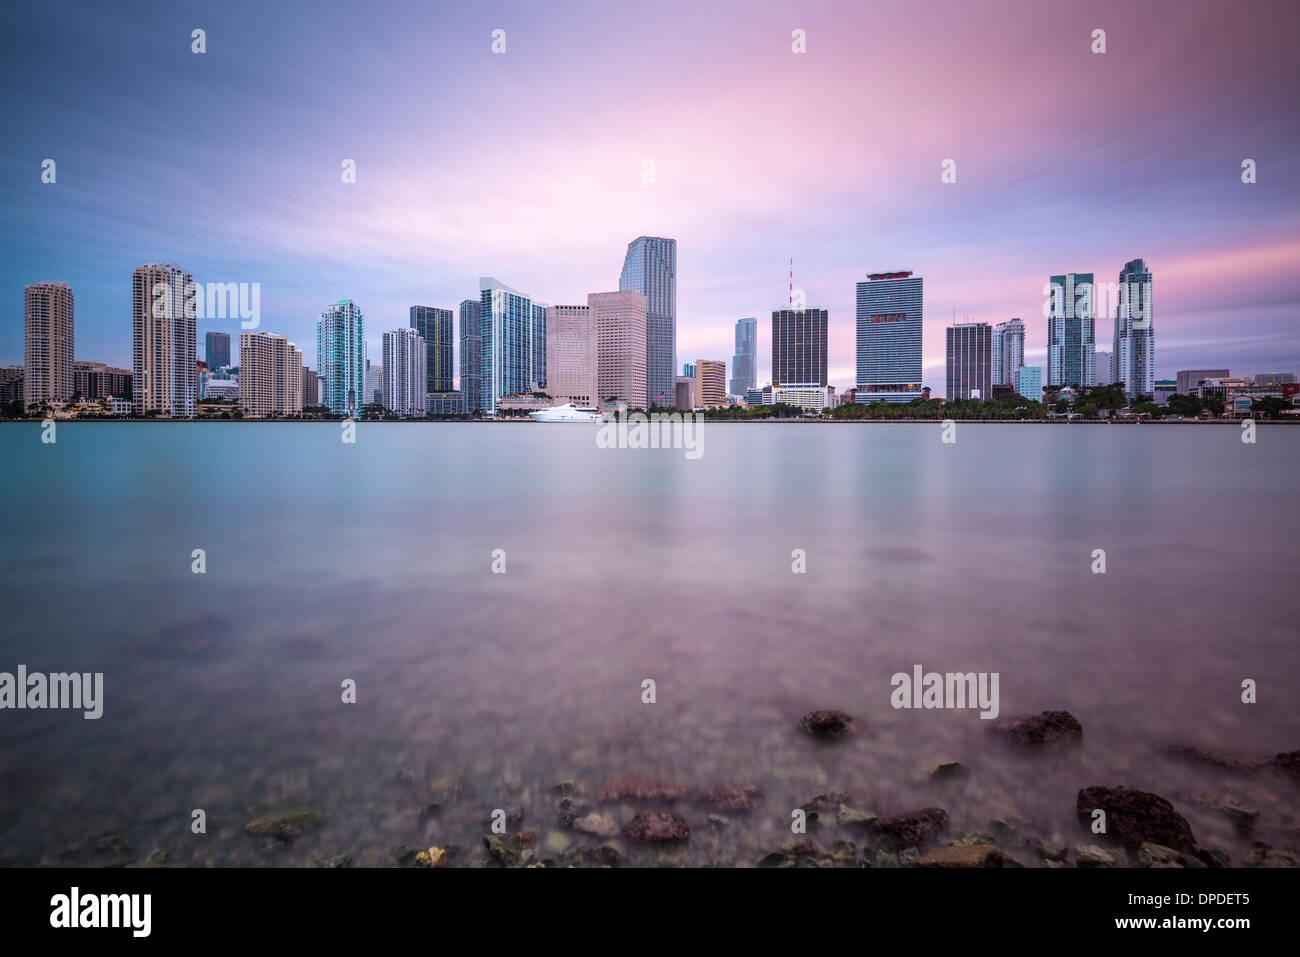 Miami, Florida, USA skyline at Biscayne Bay. - Stock Image